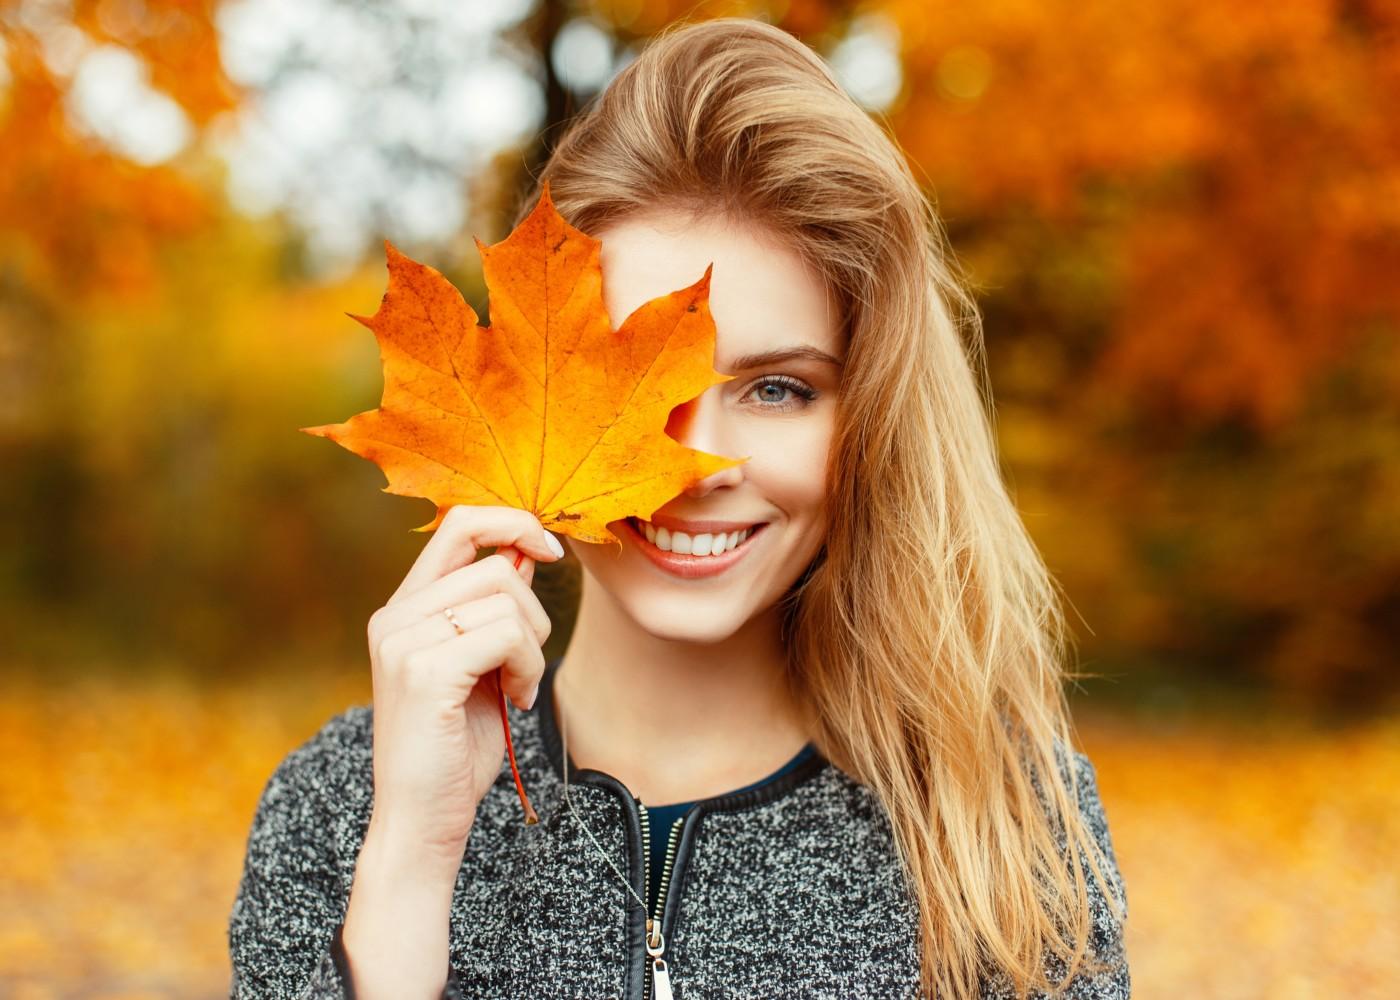 Mulher com folha caída no outono